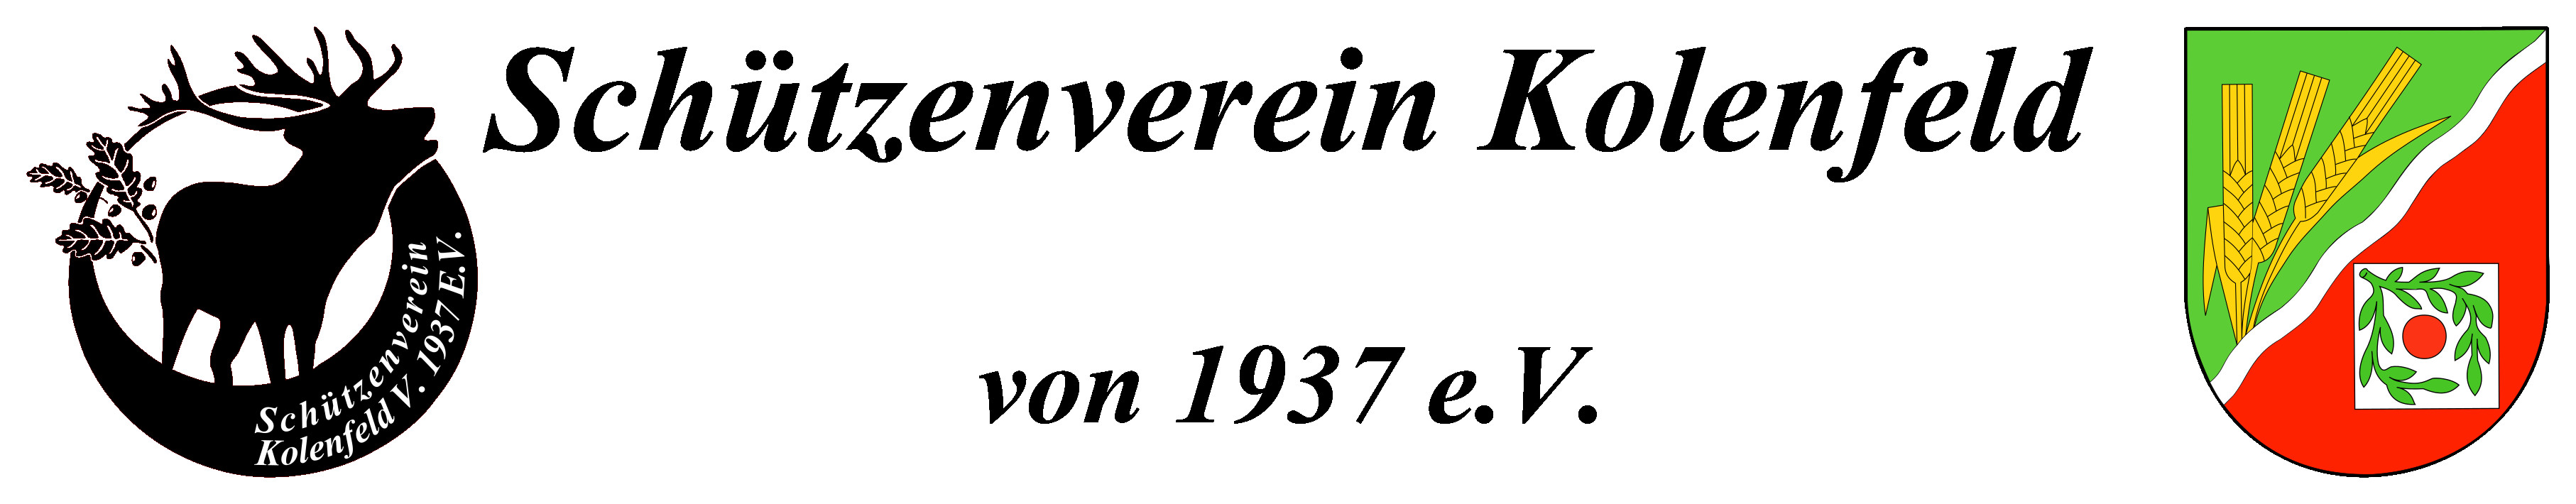 Schützenverein Kolenfeld Homepage